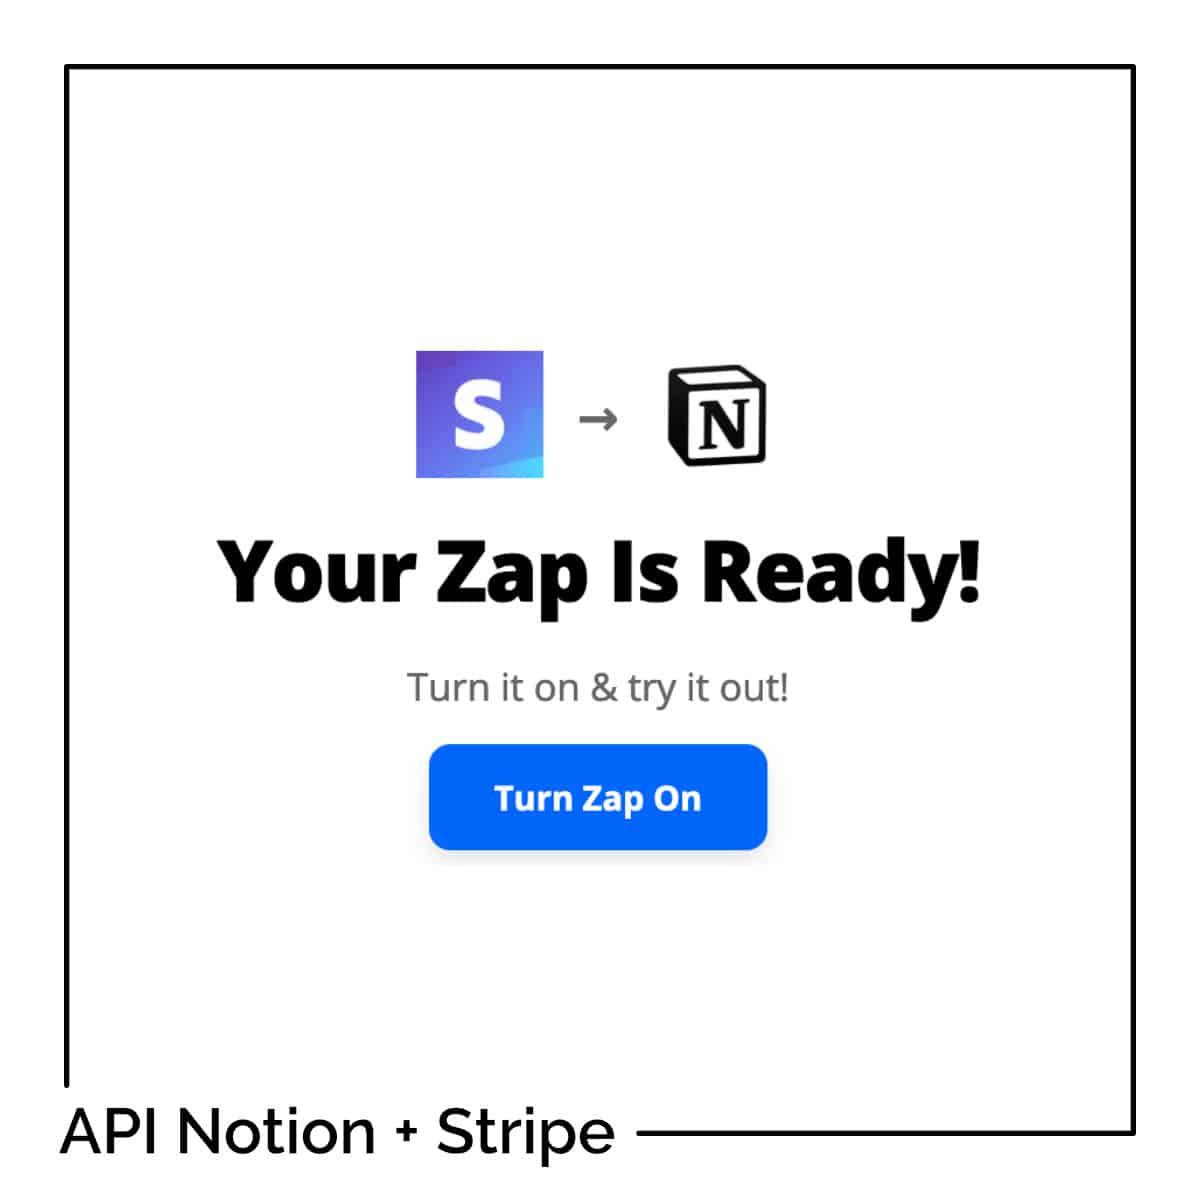 API Notion + Stripe